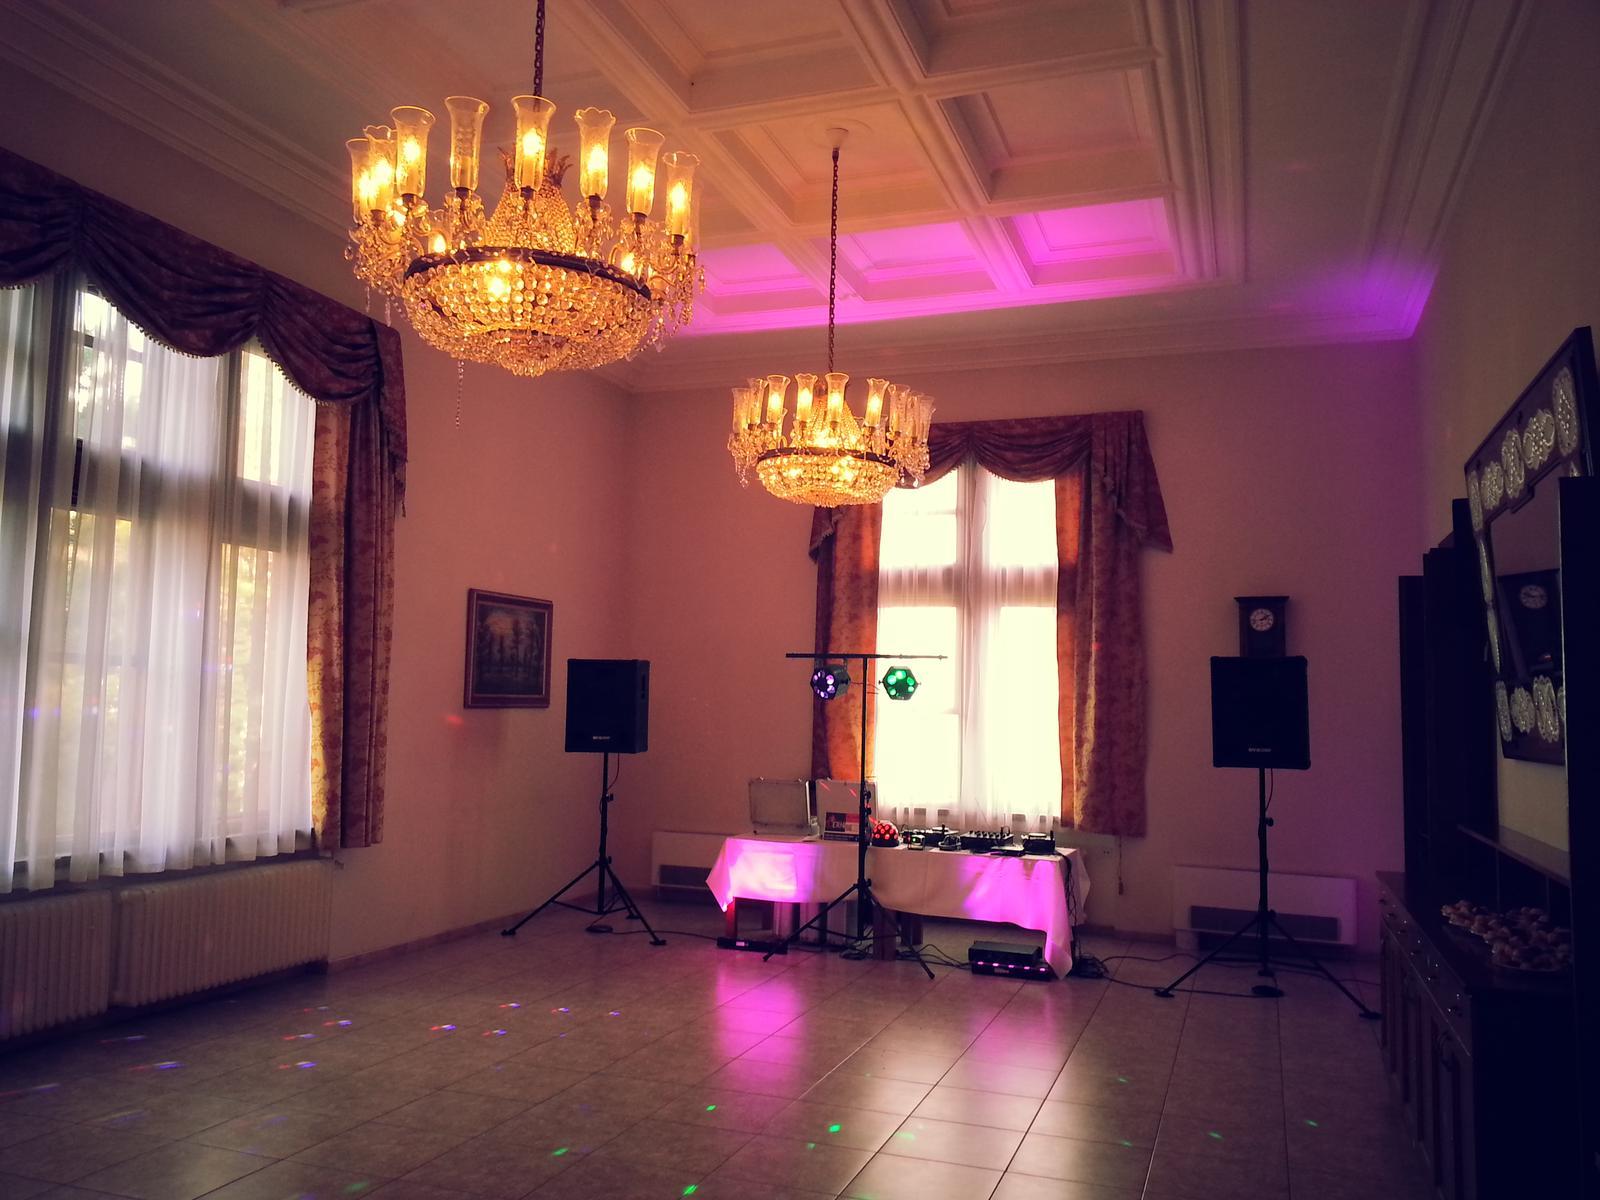 dj_erni - Smolenický zámok - vynikajúca svadba so super ženíchom a nevestou a ich hosťami